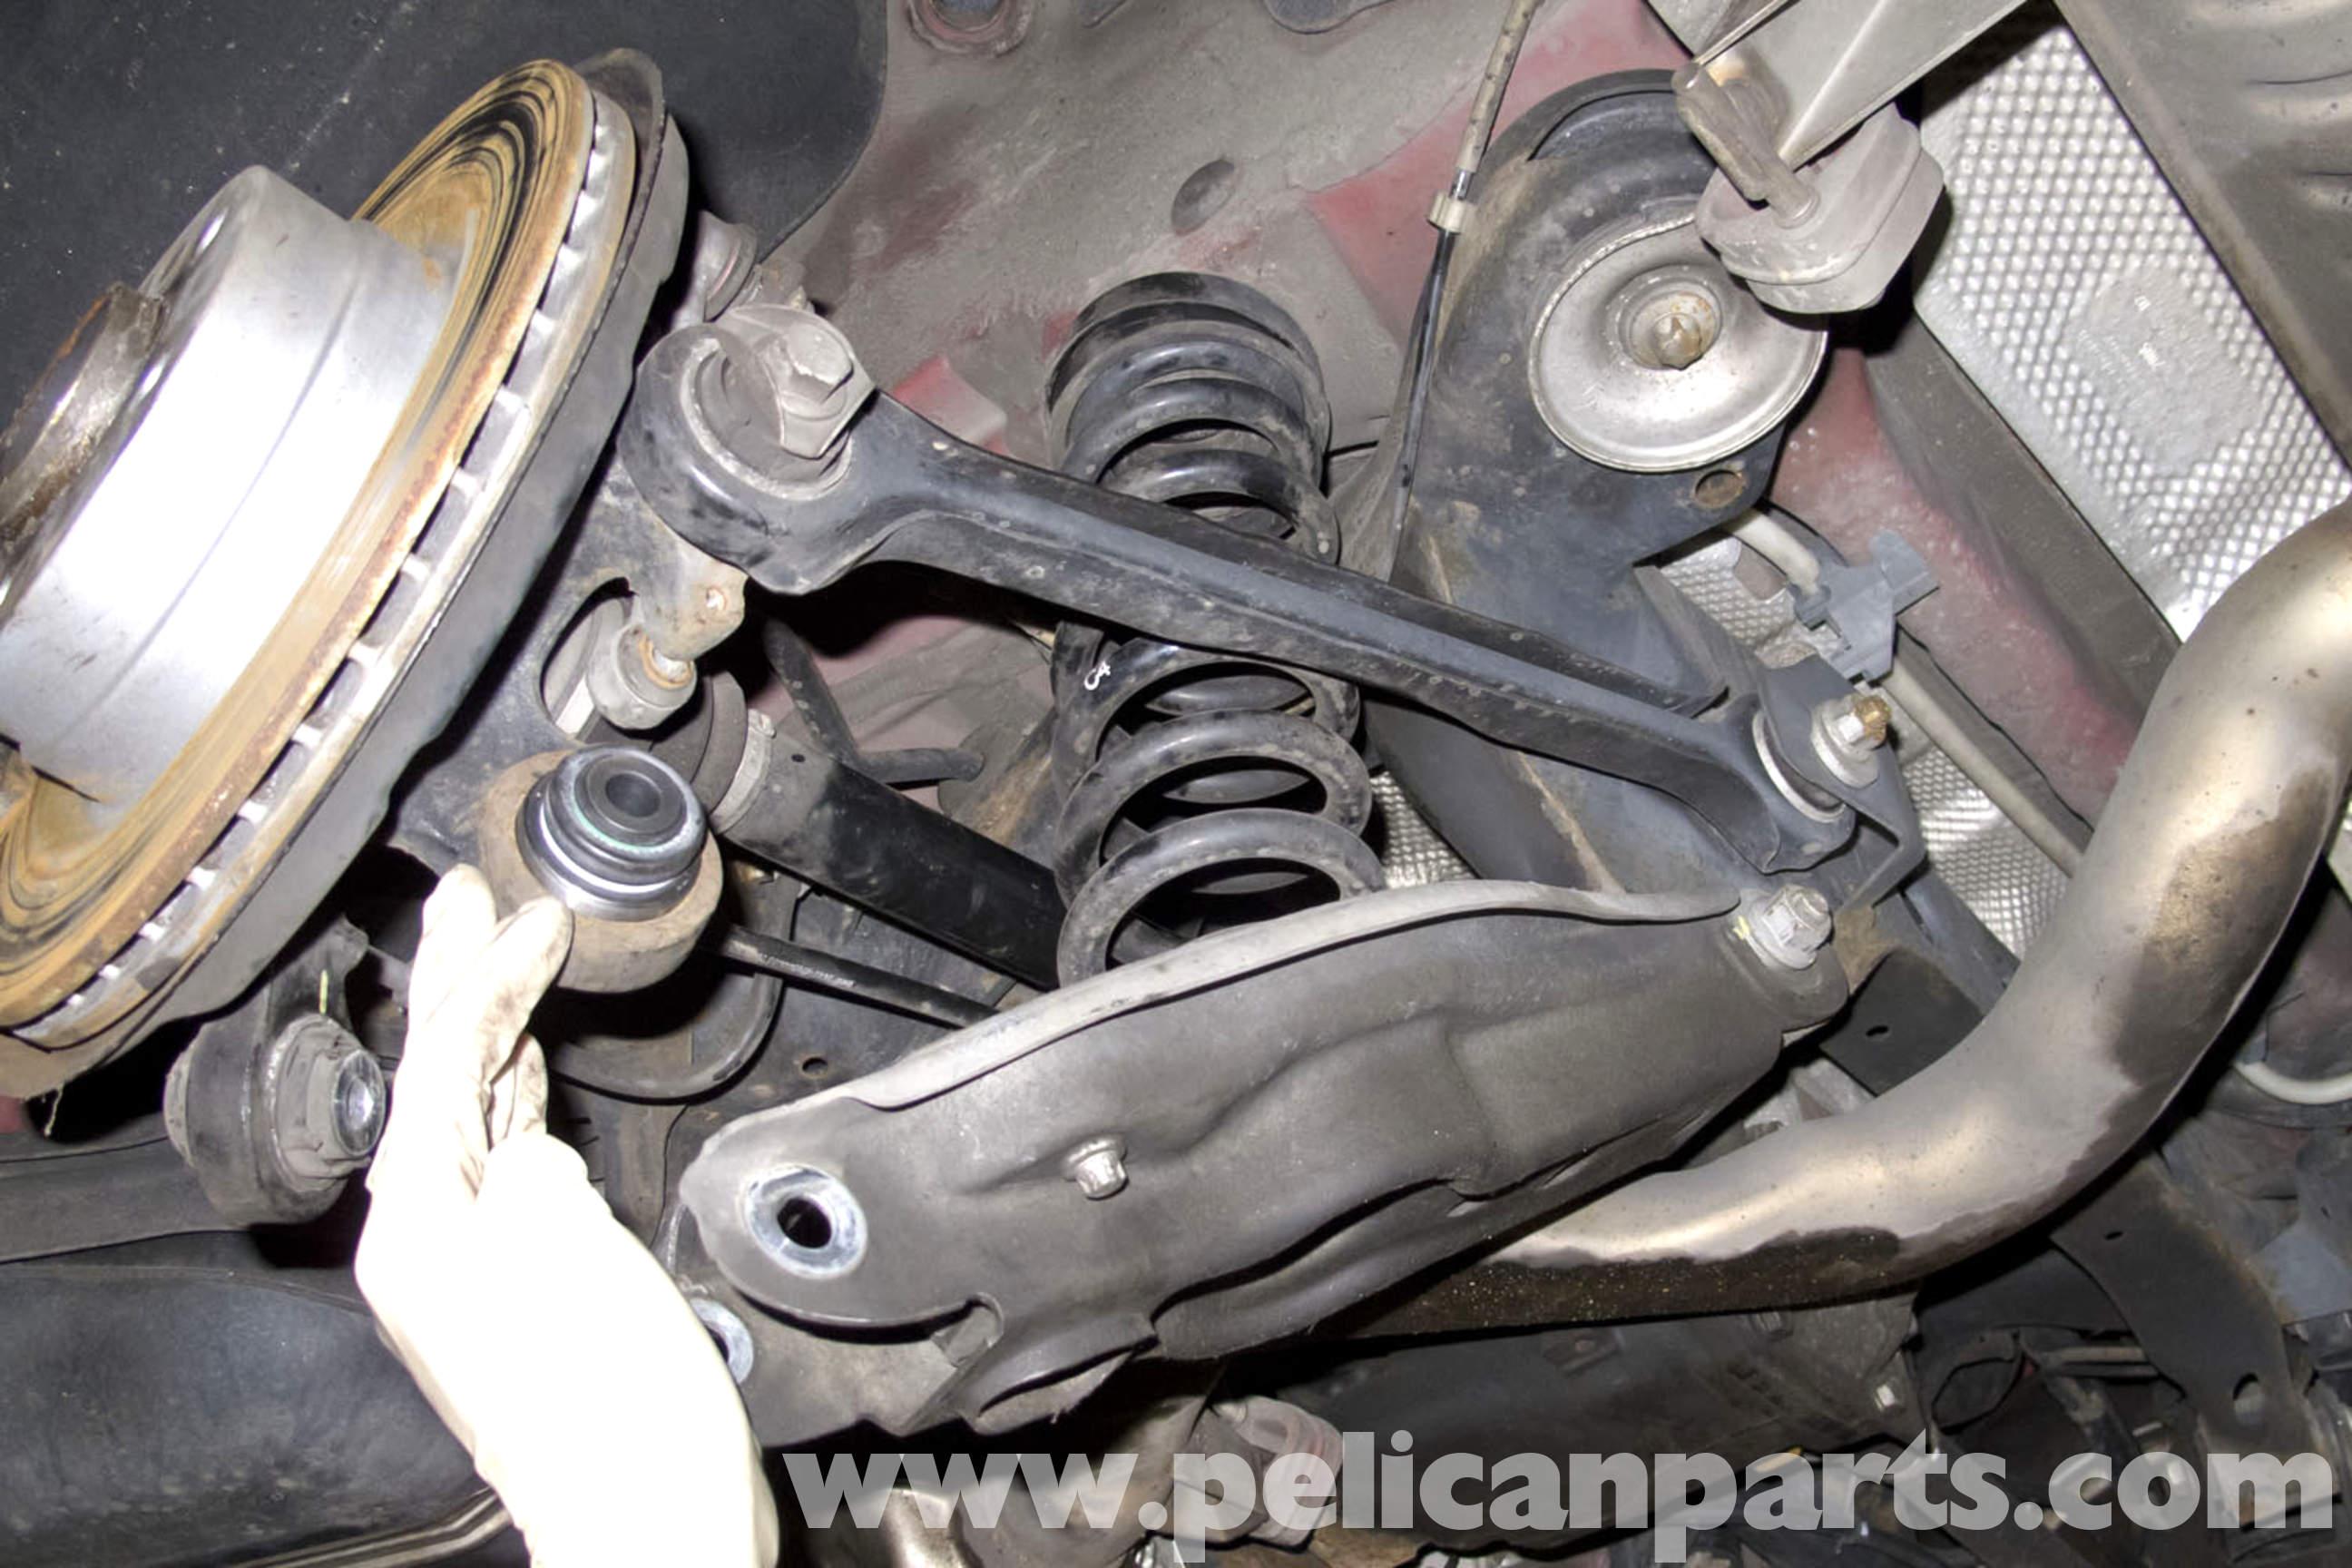 BMW E90 Rear Coil Spring Replacement | E91, E92, E93 ...